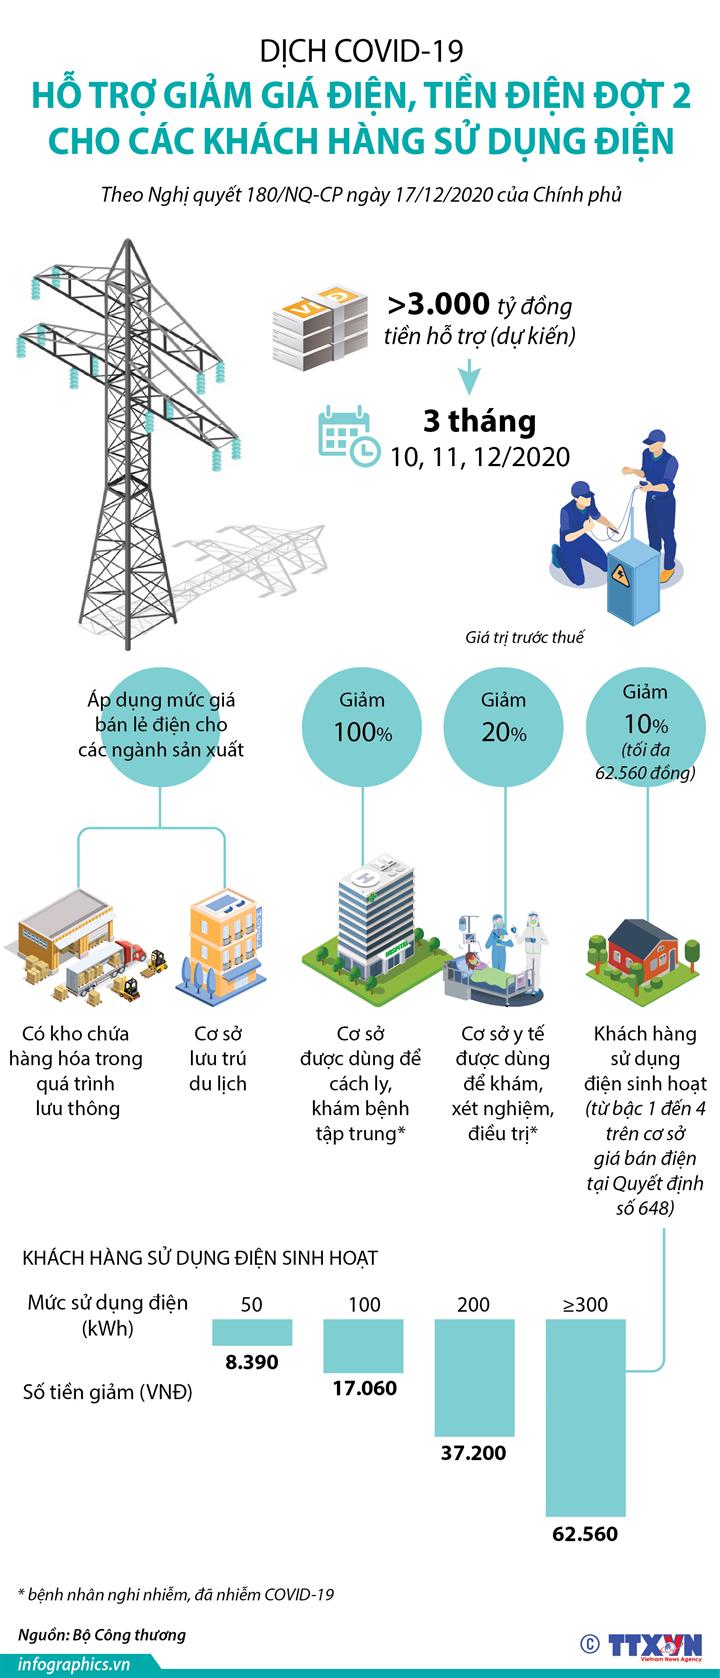 Dịch COVID-19: Hỗ trợ giảm giá điện, tiền điện đợt 2 cho các khách hàng sử dụng điện